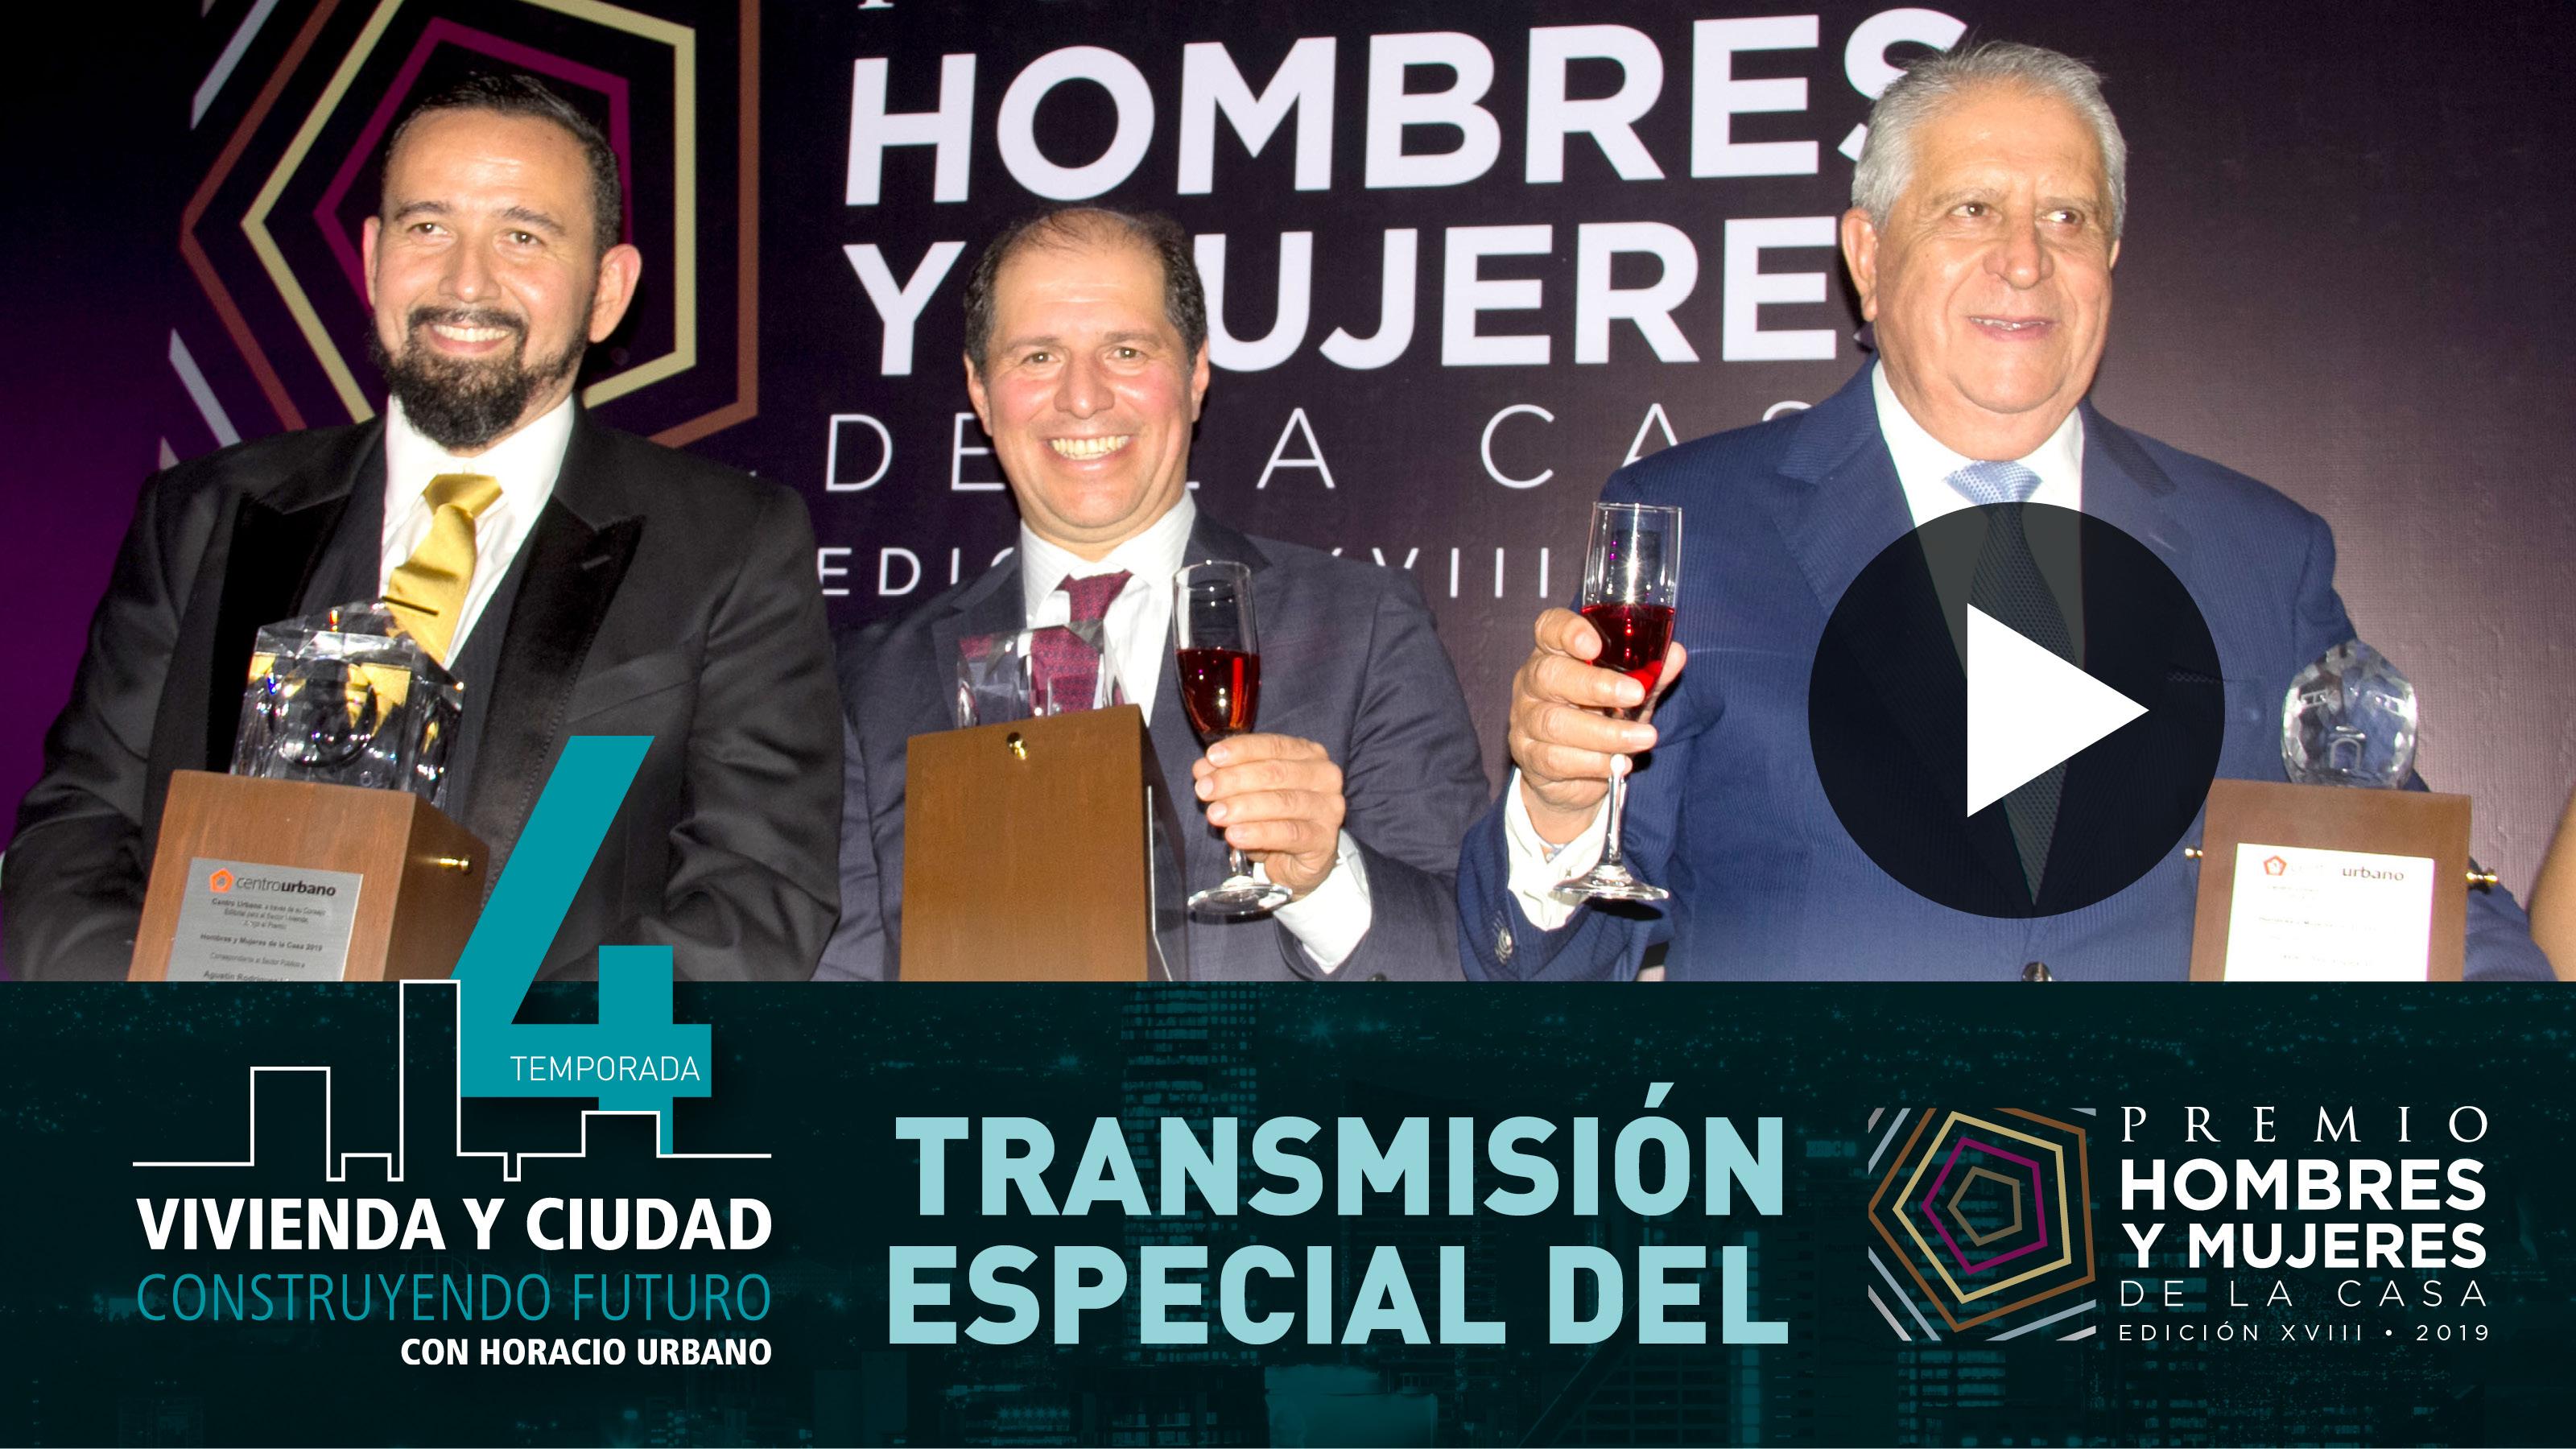 Premio Hombres y Mujeres de la Casa 2019